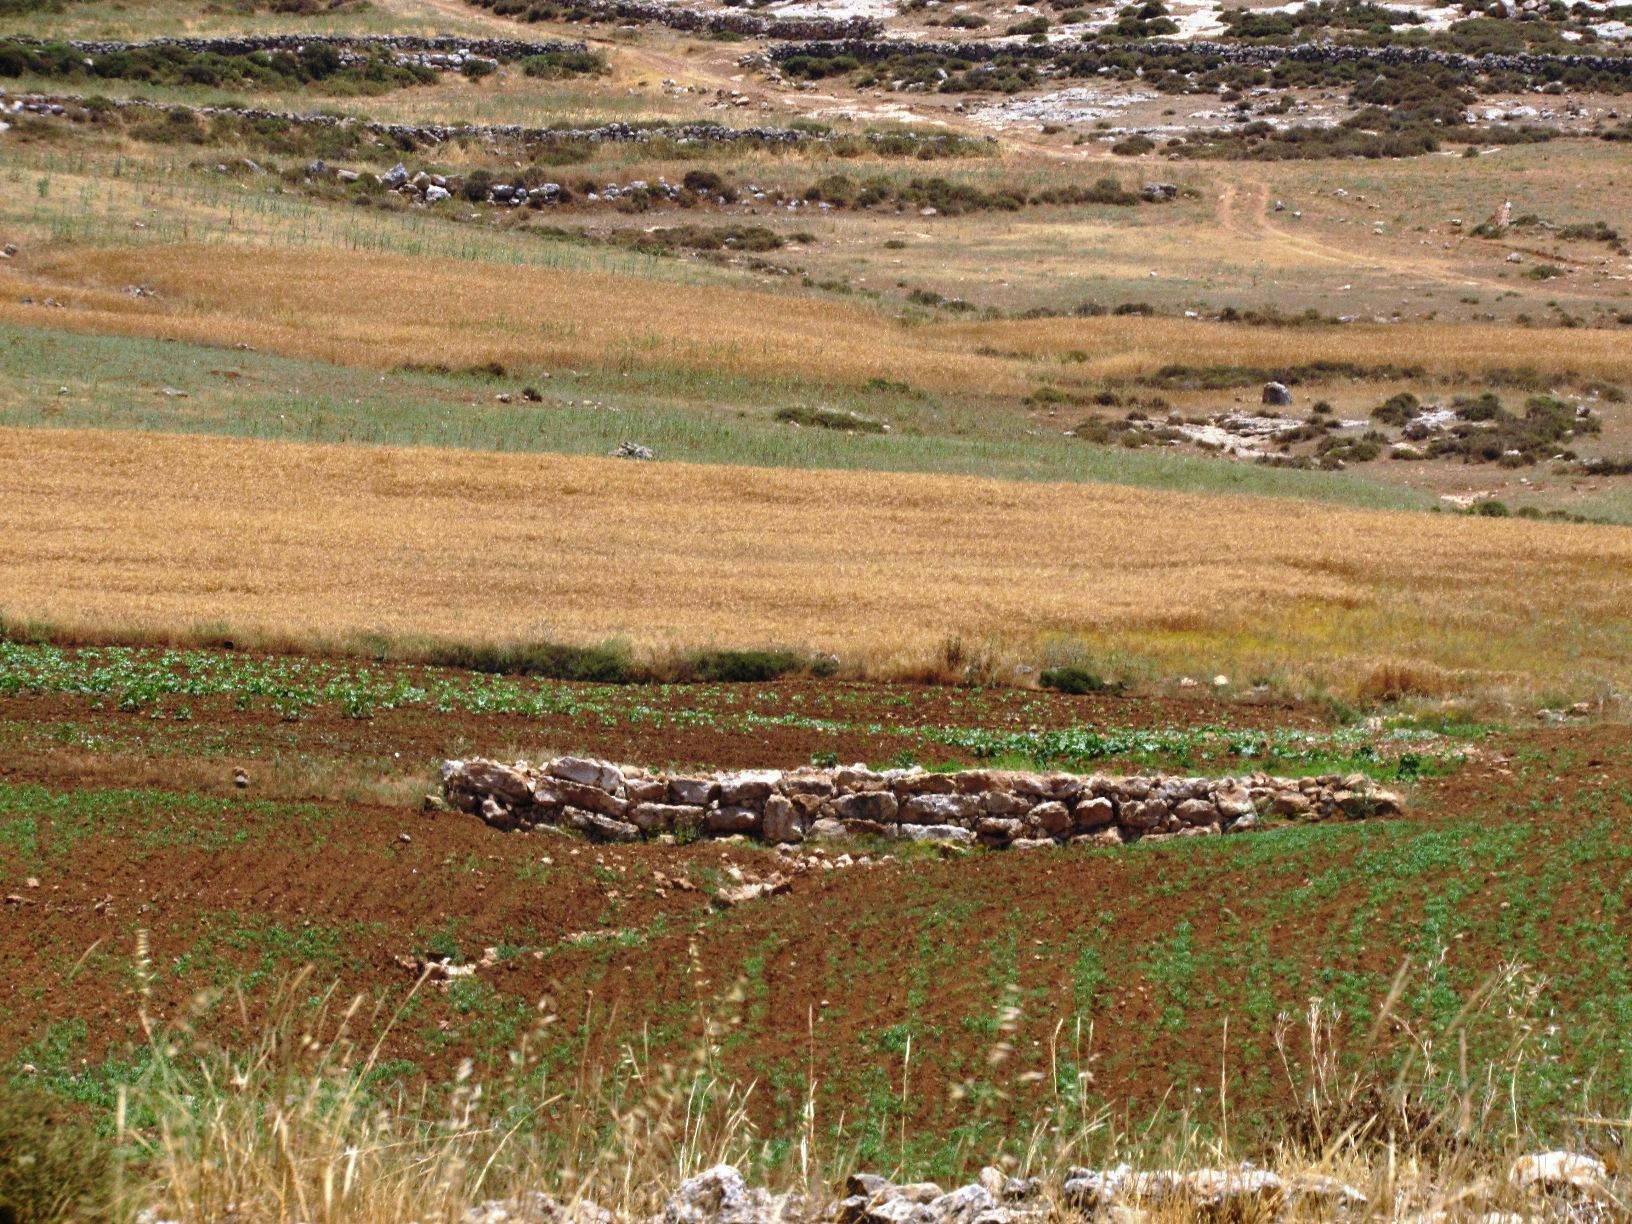 I muretti di contenimento in pietra a secco nel bacino di Somara (Foto: Nena News)